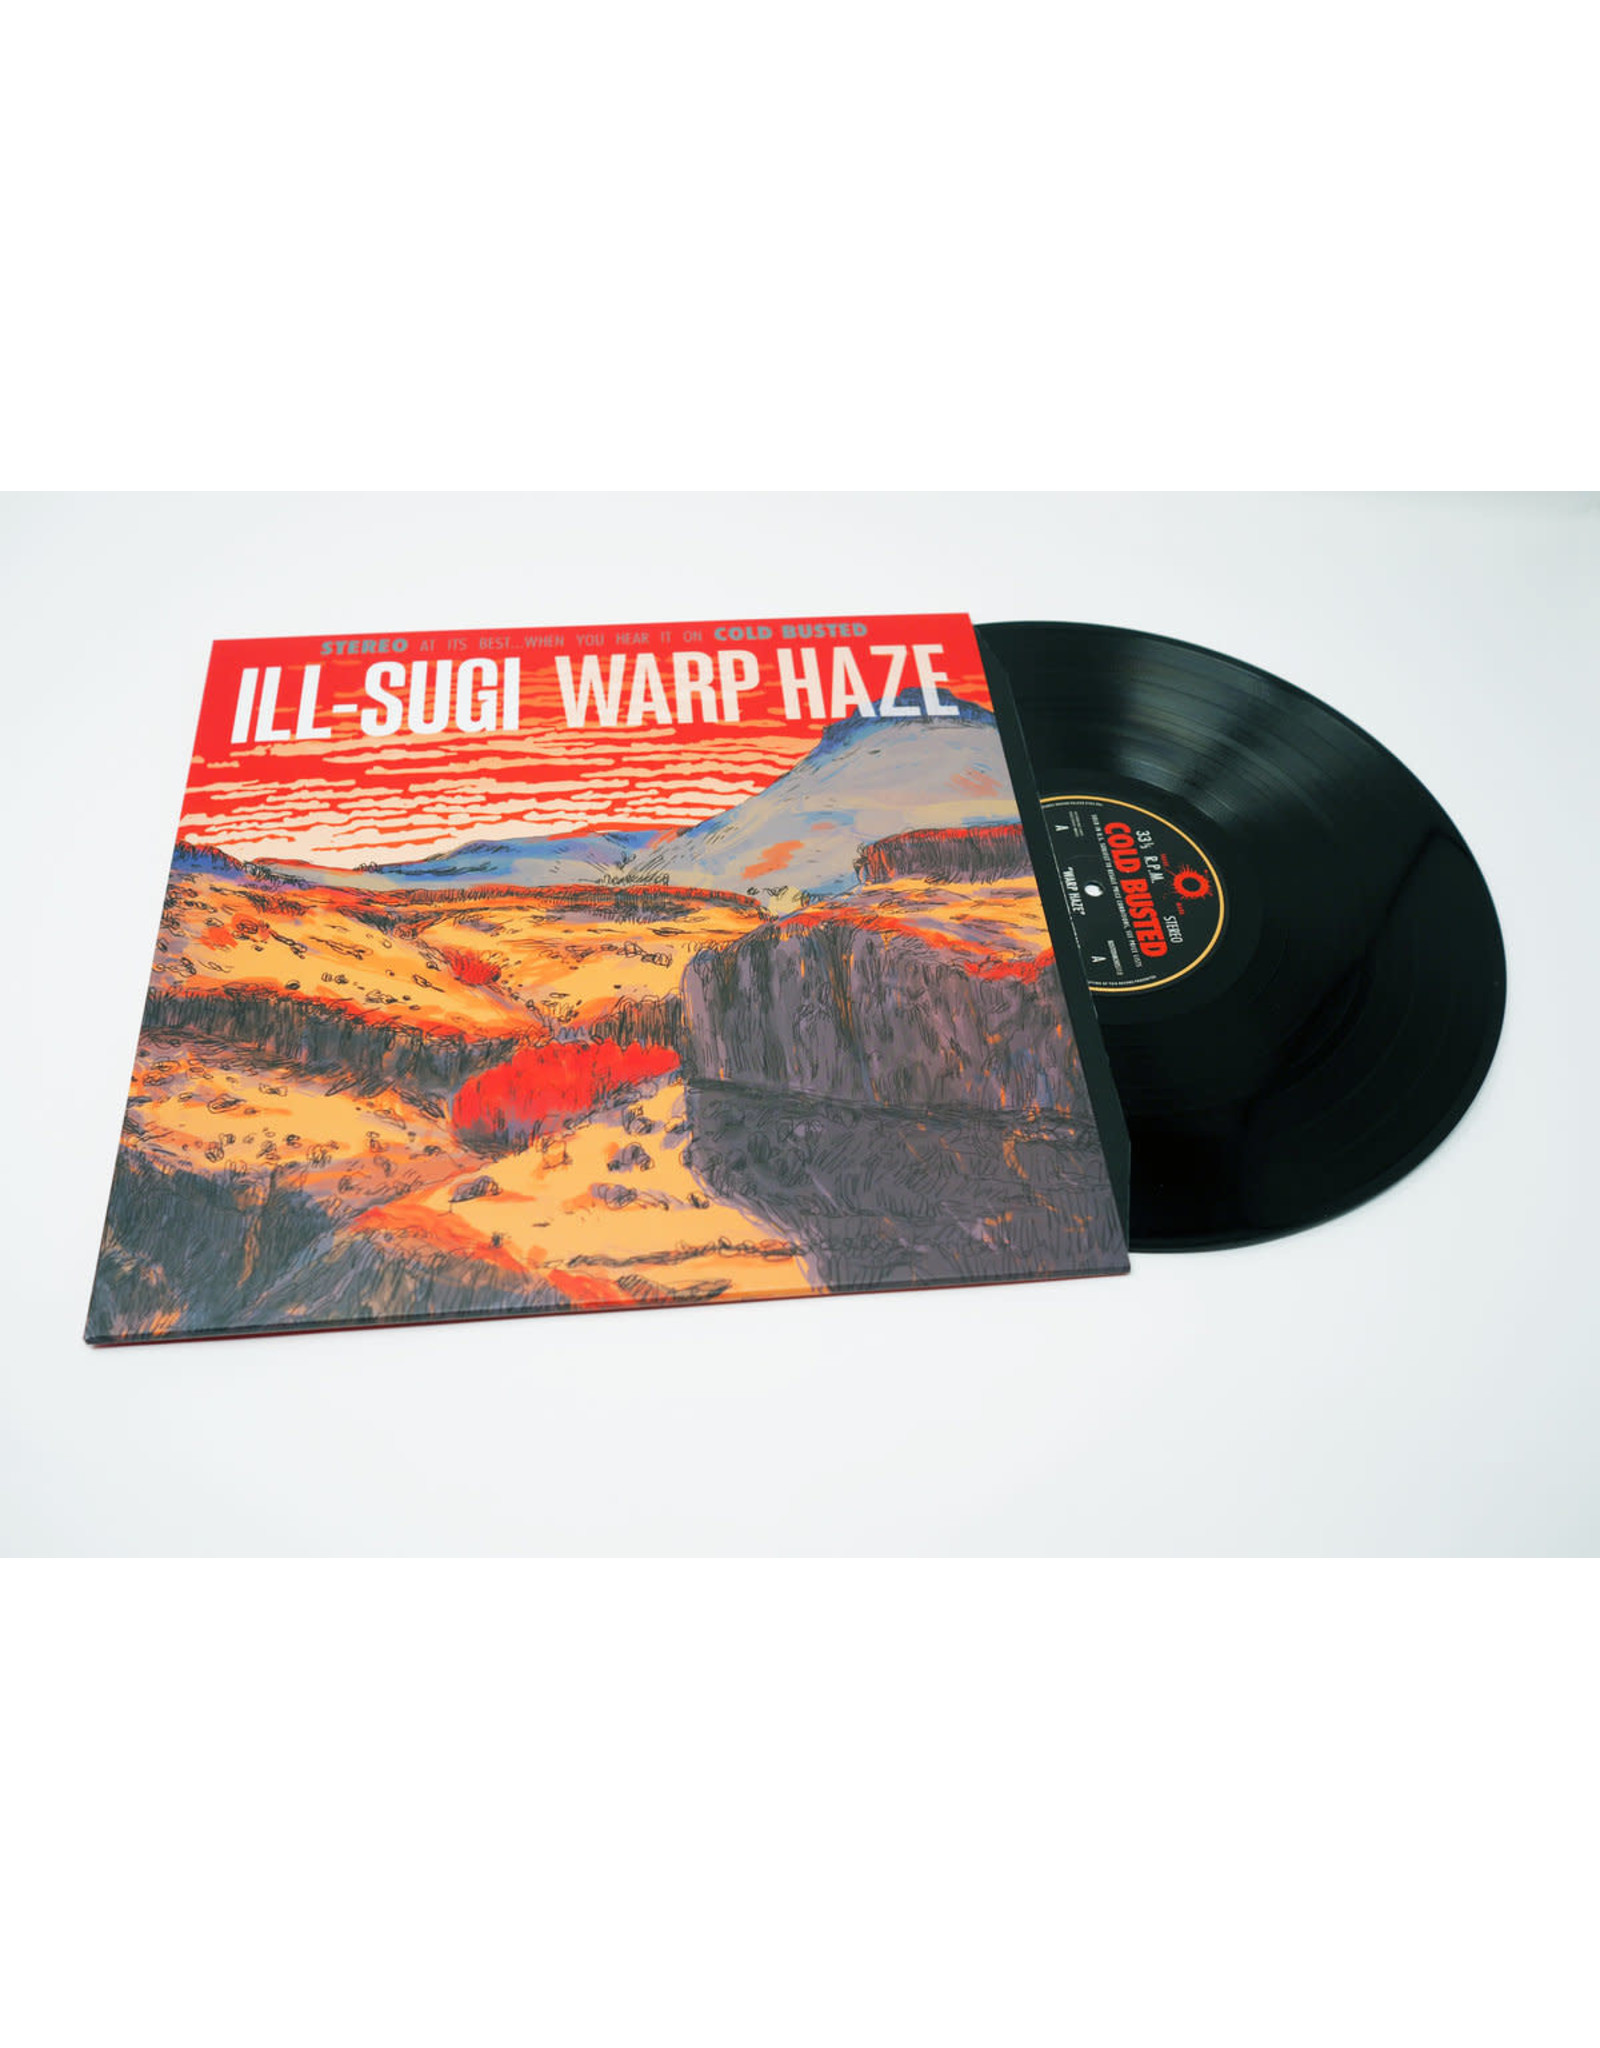 New Vinyl Ill-Sugi - Warp Haze LP